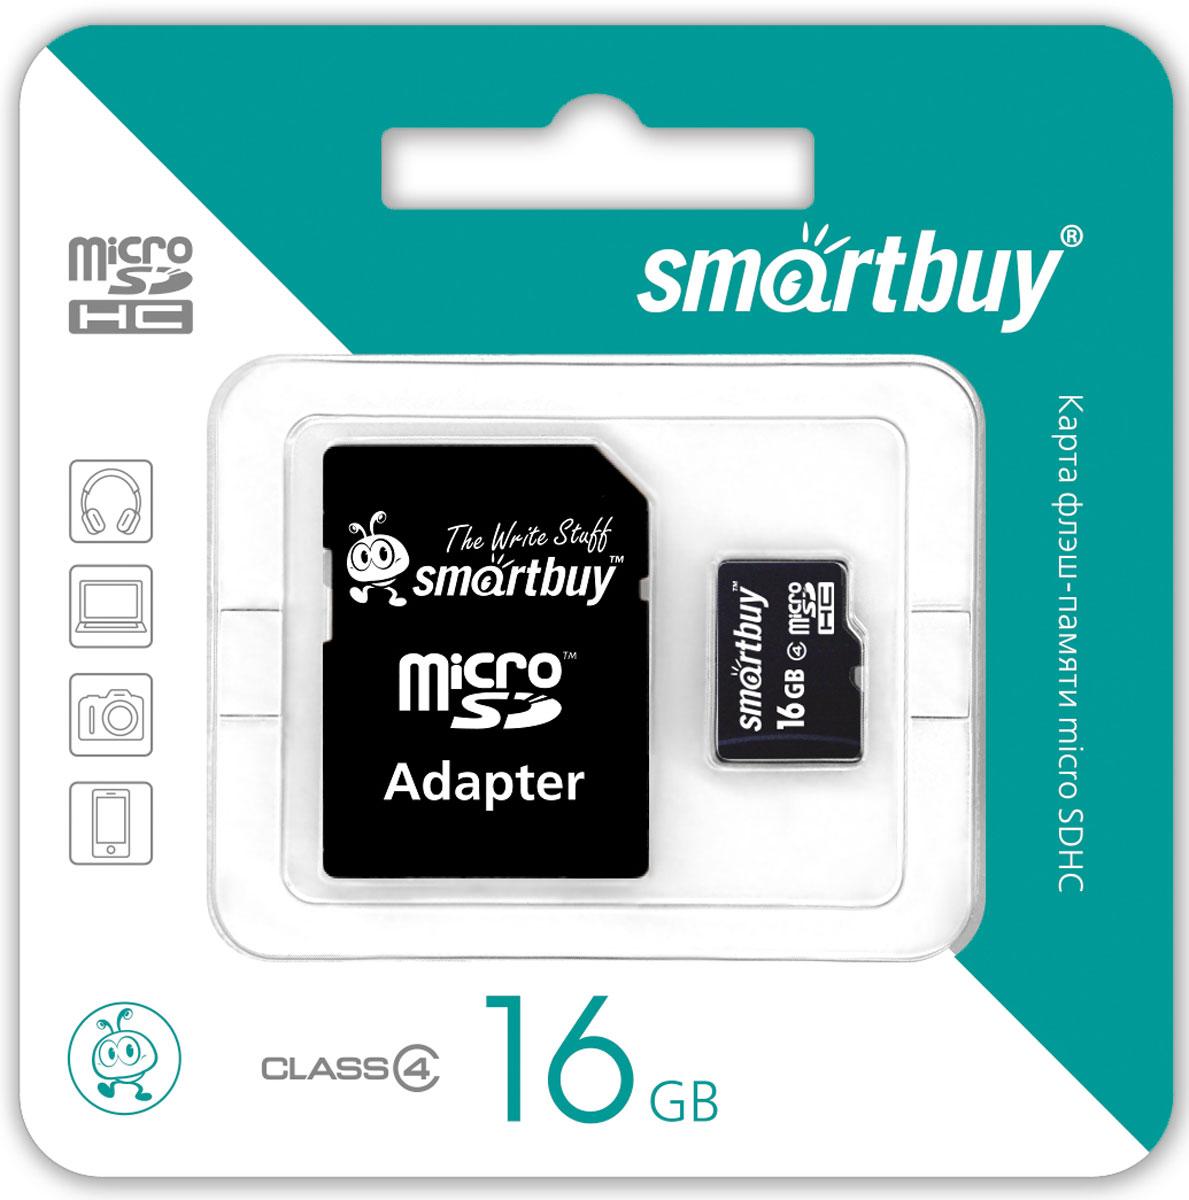 SmartBuy microSDHC Class 4 16GB карта памяти (с адаптером SD)SB16GBSDCL4-01Карта памяти Smartbuy microSDHC Class 4 позволяет осуществлять расширение памяти цифровых плееров, фотоаппаратов, видеокамер, коммуникаторов, смартфонов, планшетов и других совместимых устройств. Карты памяти Smartbuy являются качественным решением для хранения и переноса различного рода информации, такой как музыкальные файлы, фотографии, электронные документы и другие важные для вас файлы. Внимание: перед оформлением заказа, убедитесь в поддержке вашим электронным устройством карт памяти данного объема.